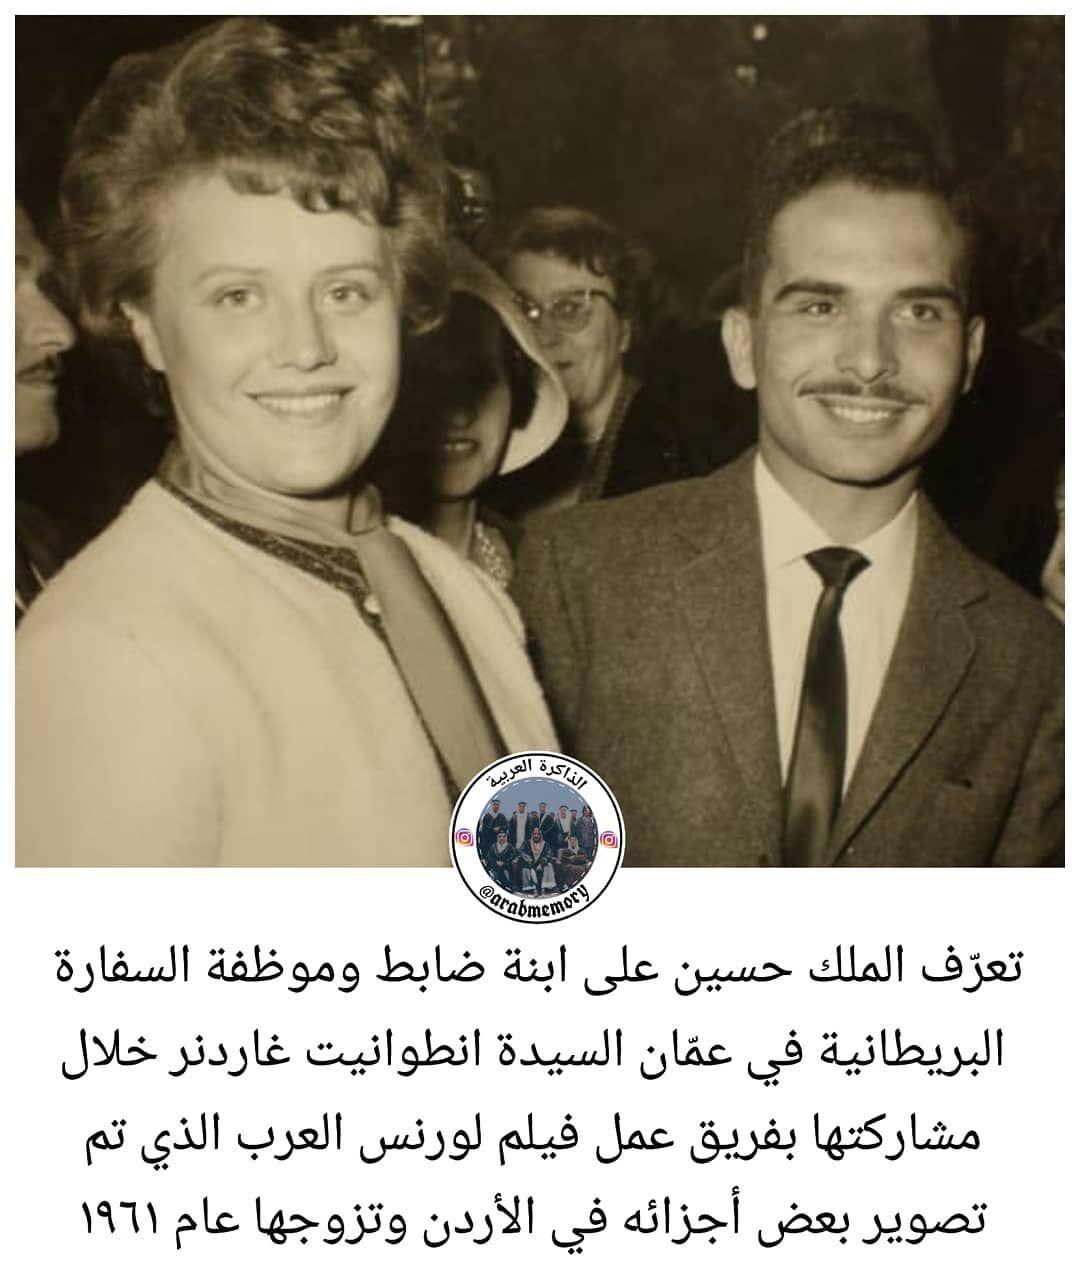 أصبح اسمها الأميرة منى الحسين وهي والدة الملك عبدالله الثاني أكبر أبناء الملك حسين ووالدة الأمير فيصل وقد طلقها الملك Smart Watch Wearable Smart